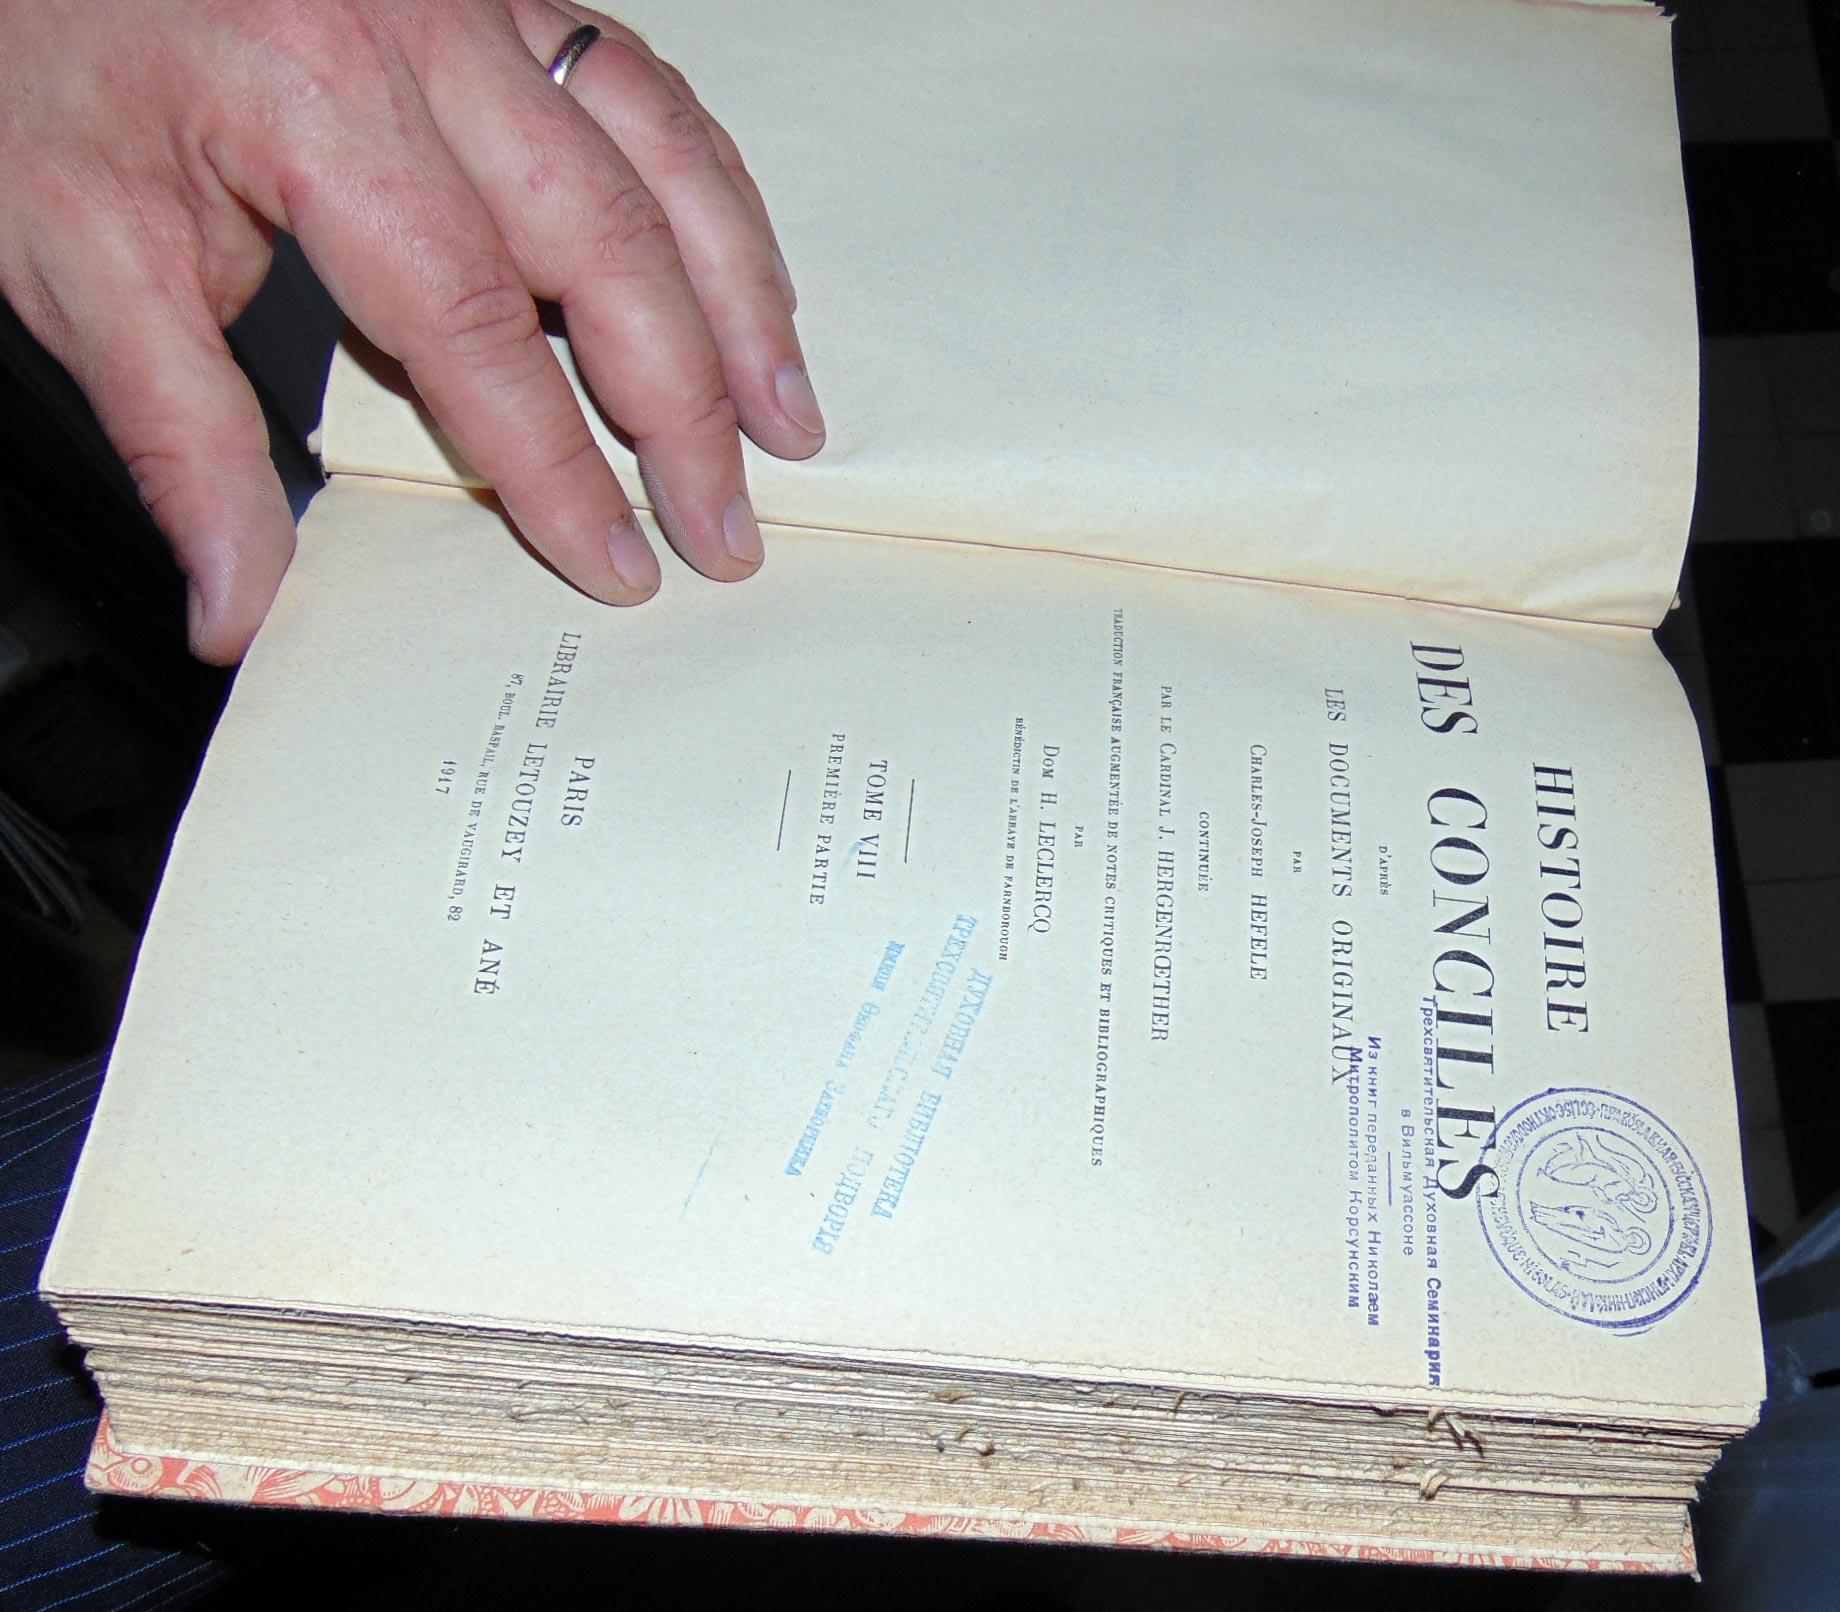 штампы библиотеки Русского дома